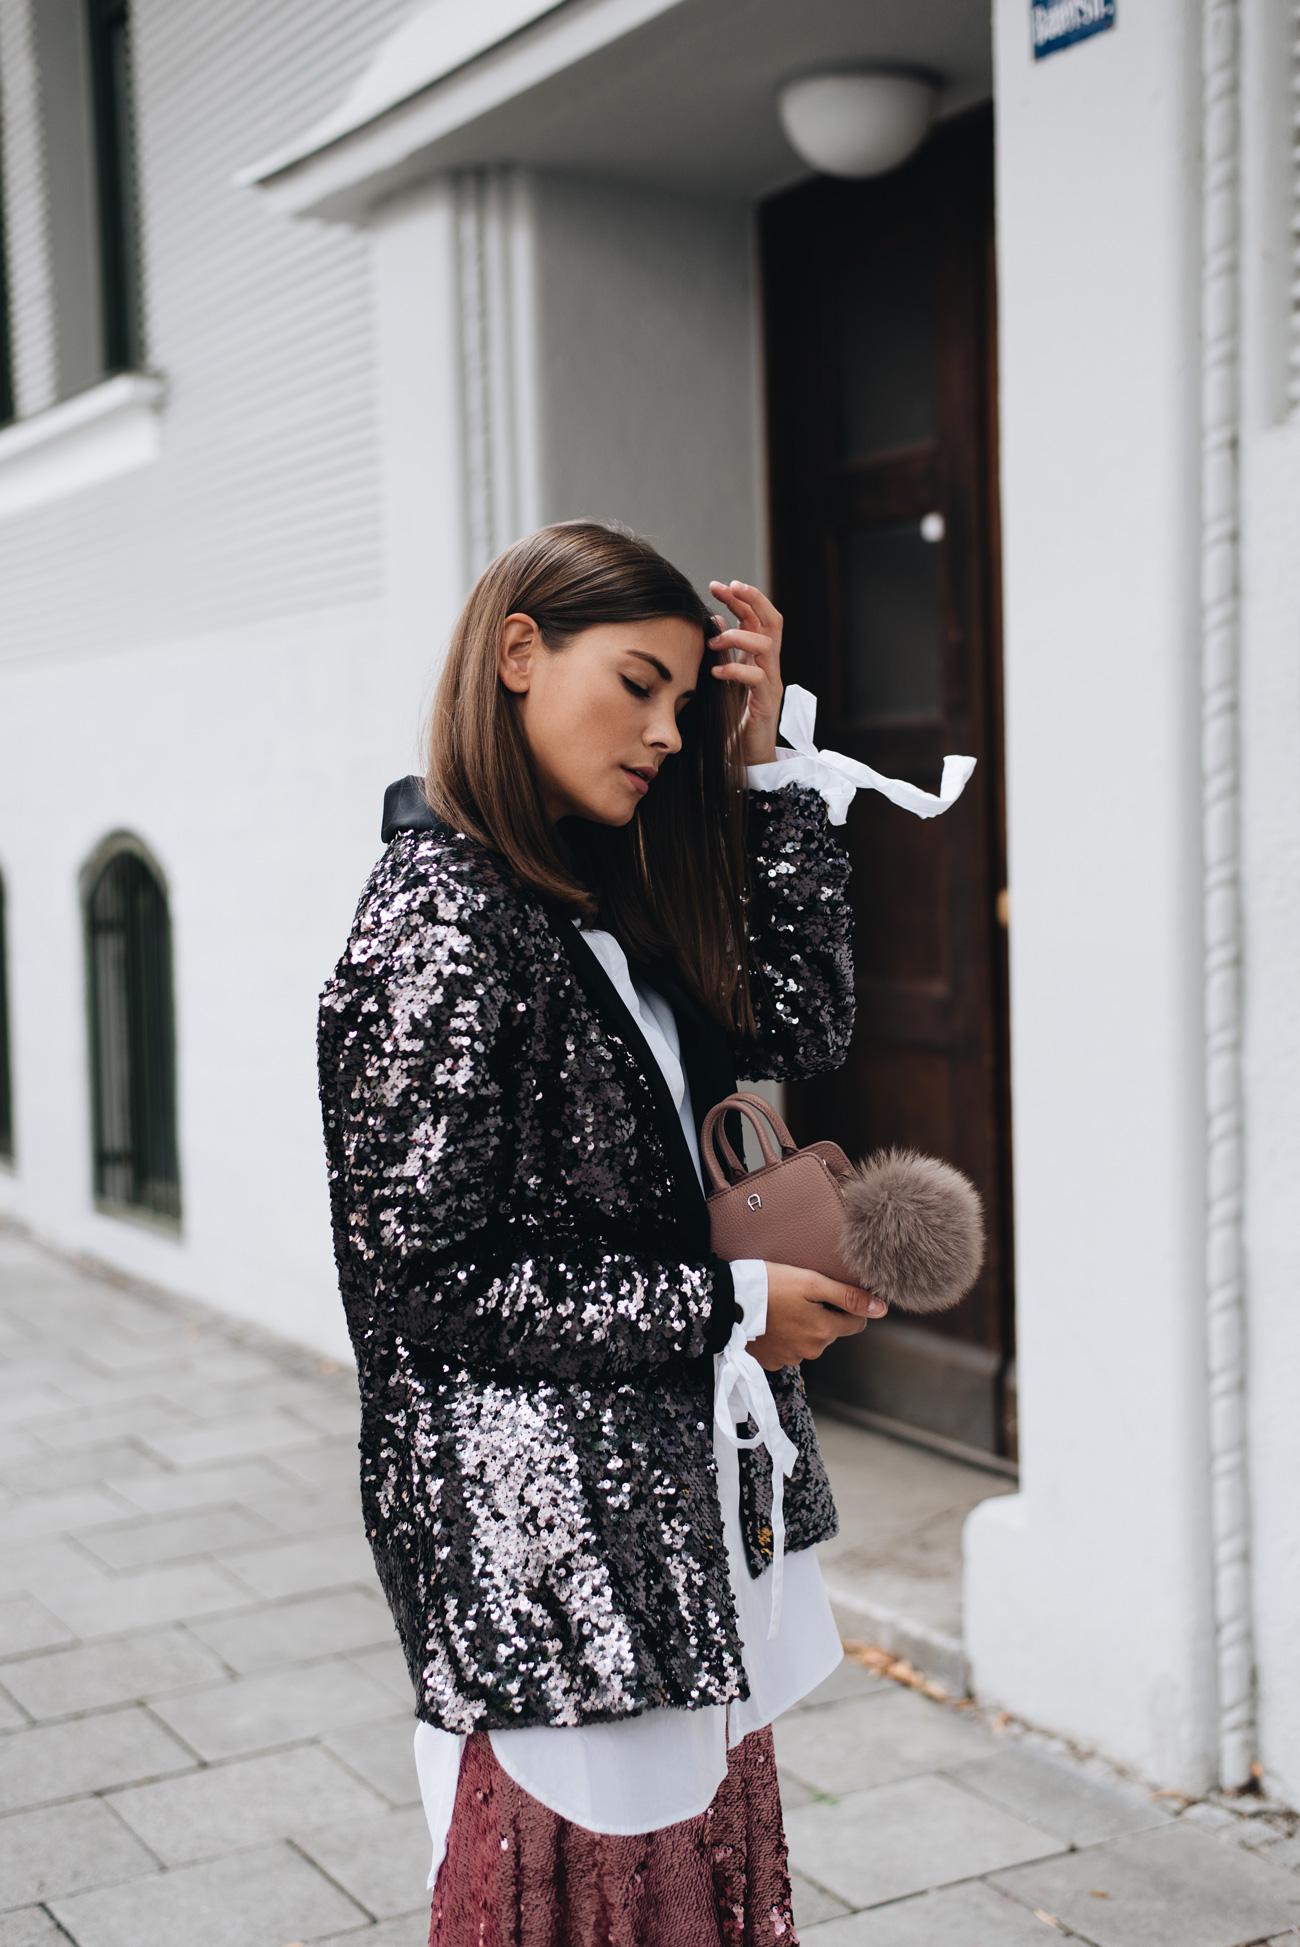 Fashion-und-Beauty-Influencer-münchen-Deutschland-Nina-schwichtenberg_2